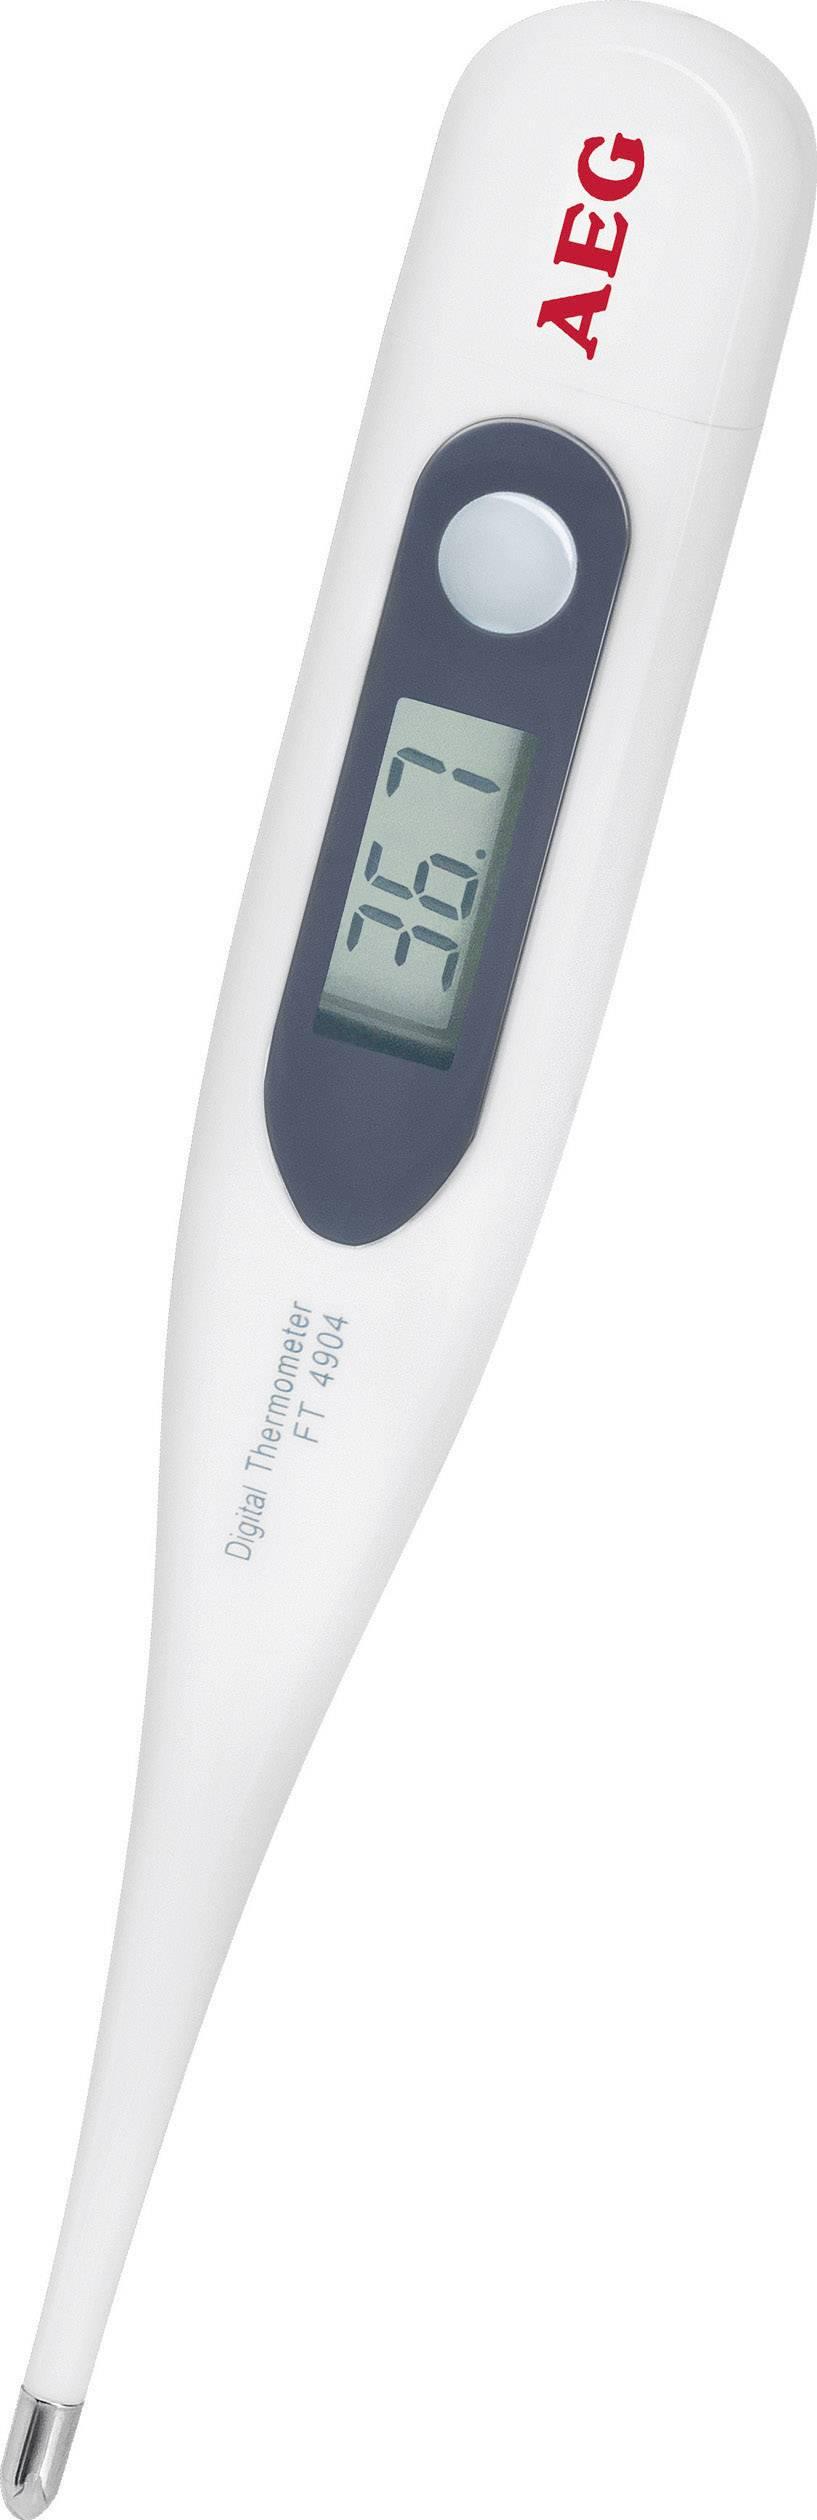 Aeg Ft 4904 Termometro Per Febbre Conrad It Il termometro febbre è uno di quei strumenti che non può mancare nelle nostre case in virtù della sua pratica usabilità che ci. aeg ft 4904 termometro per febbre